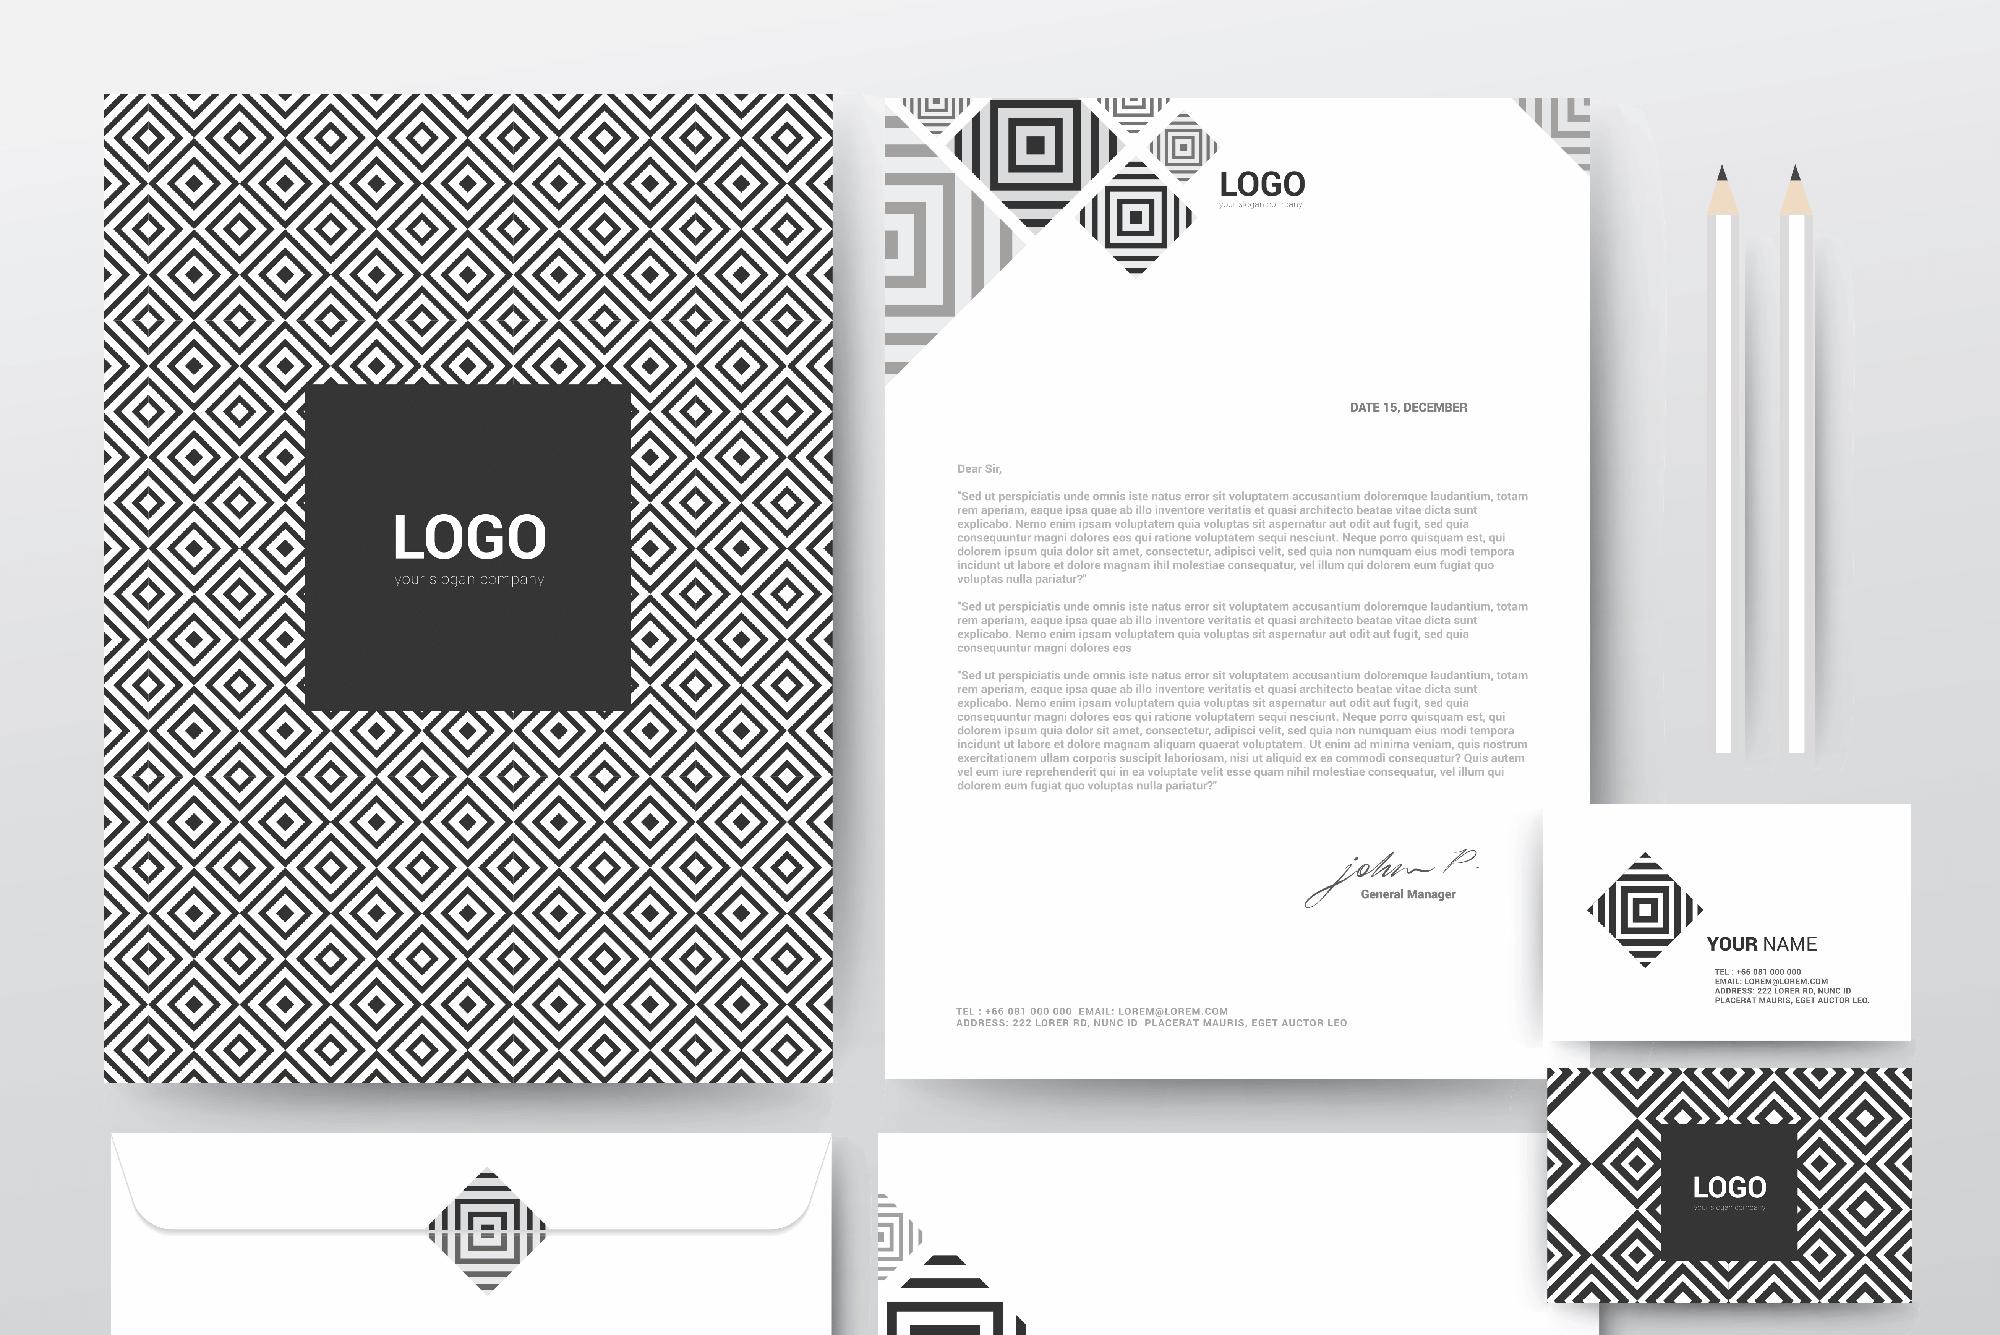 ETAGE 4 - Die Digital Manufaktur hilft Dir gut auszusehen und hilft Dir beim Erstellen einer Corporate Identity.